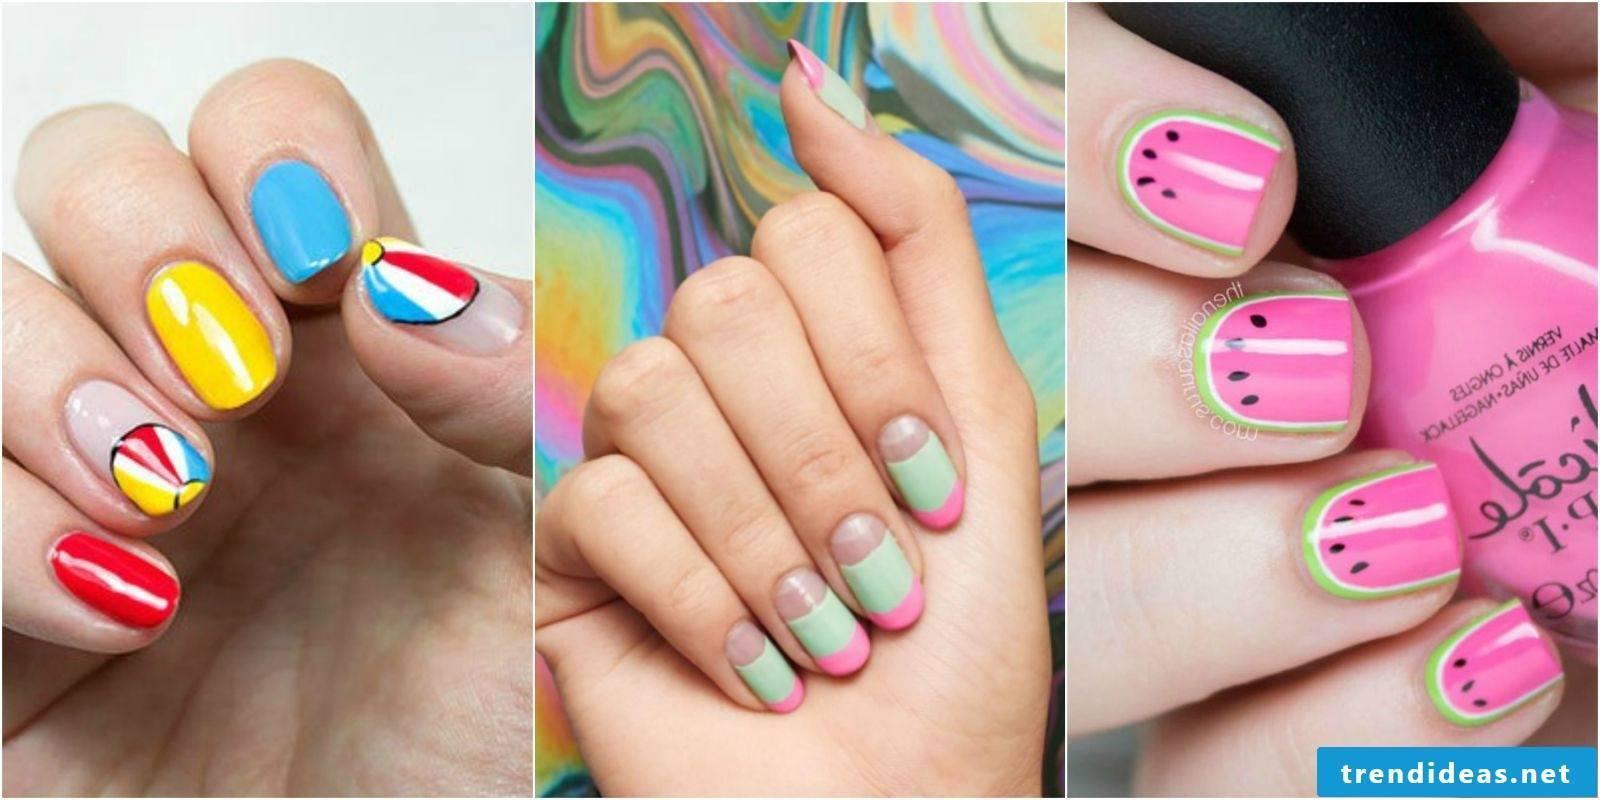 Make funny fingernails at home